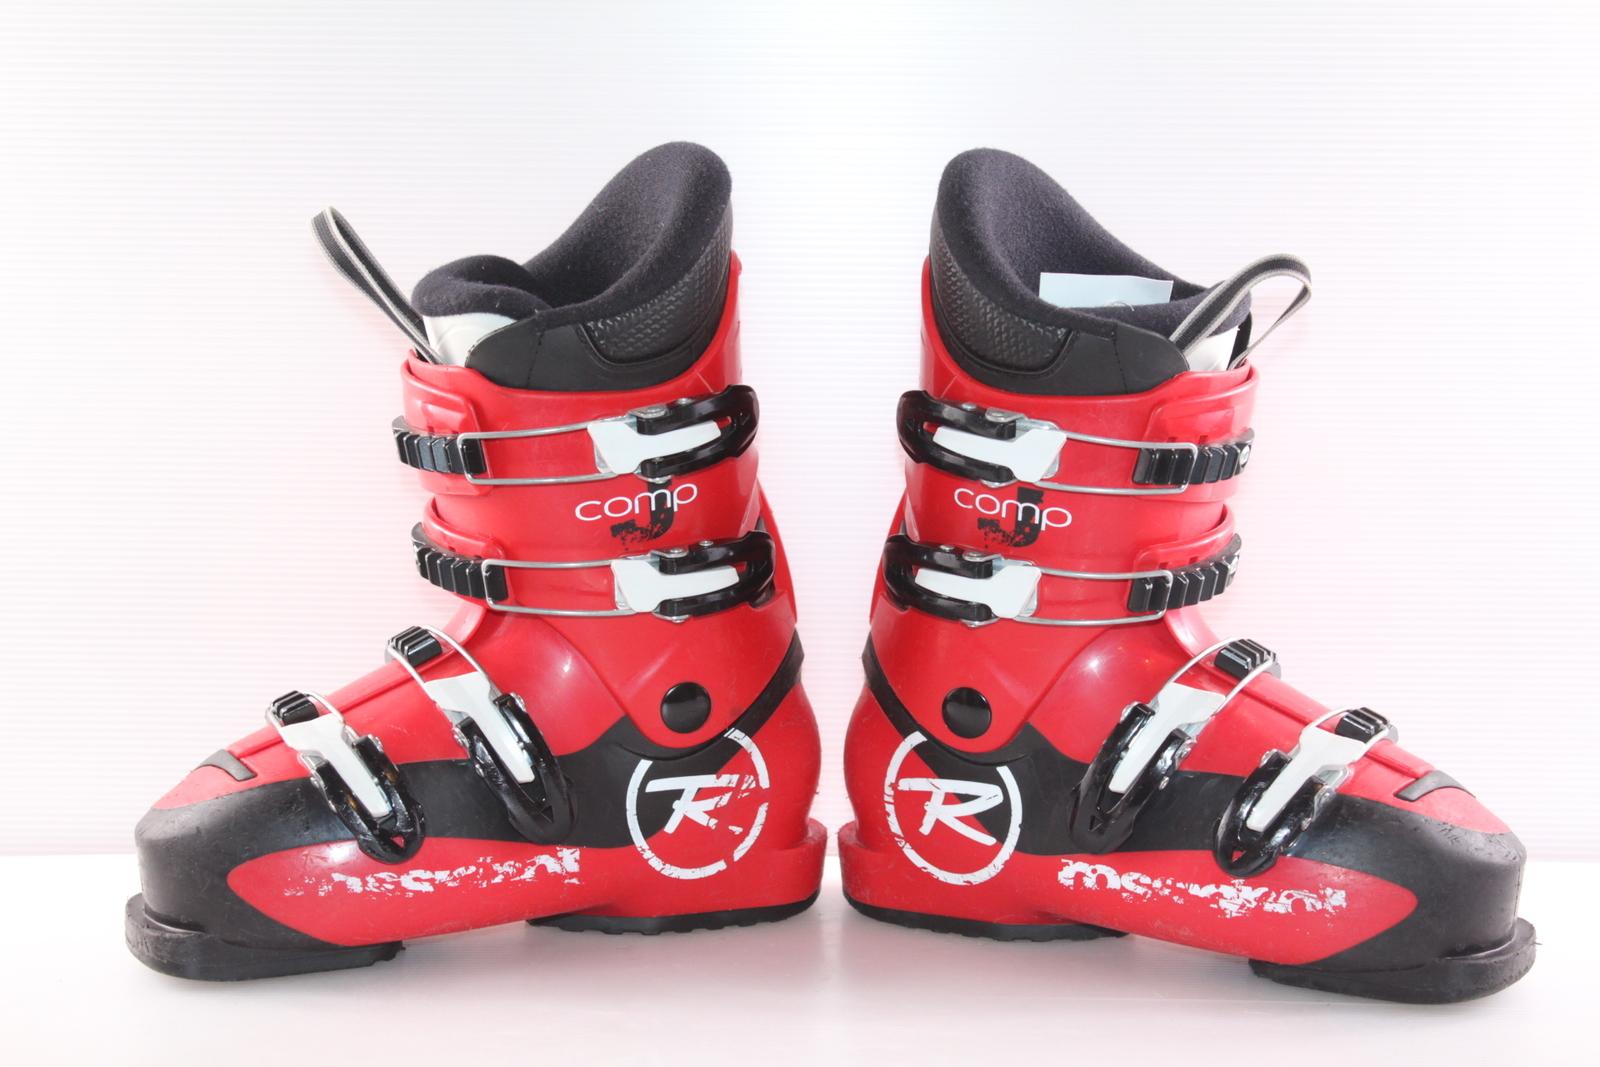 Dětské lyžáky Rossignol Comp J vel. EU36.5